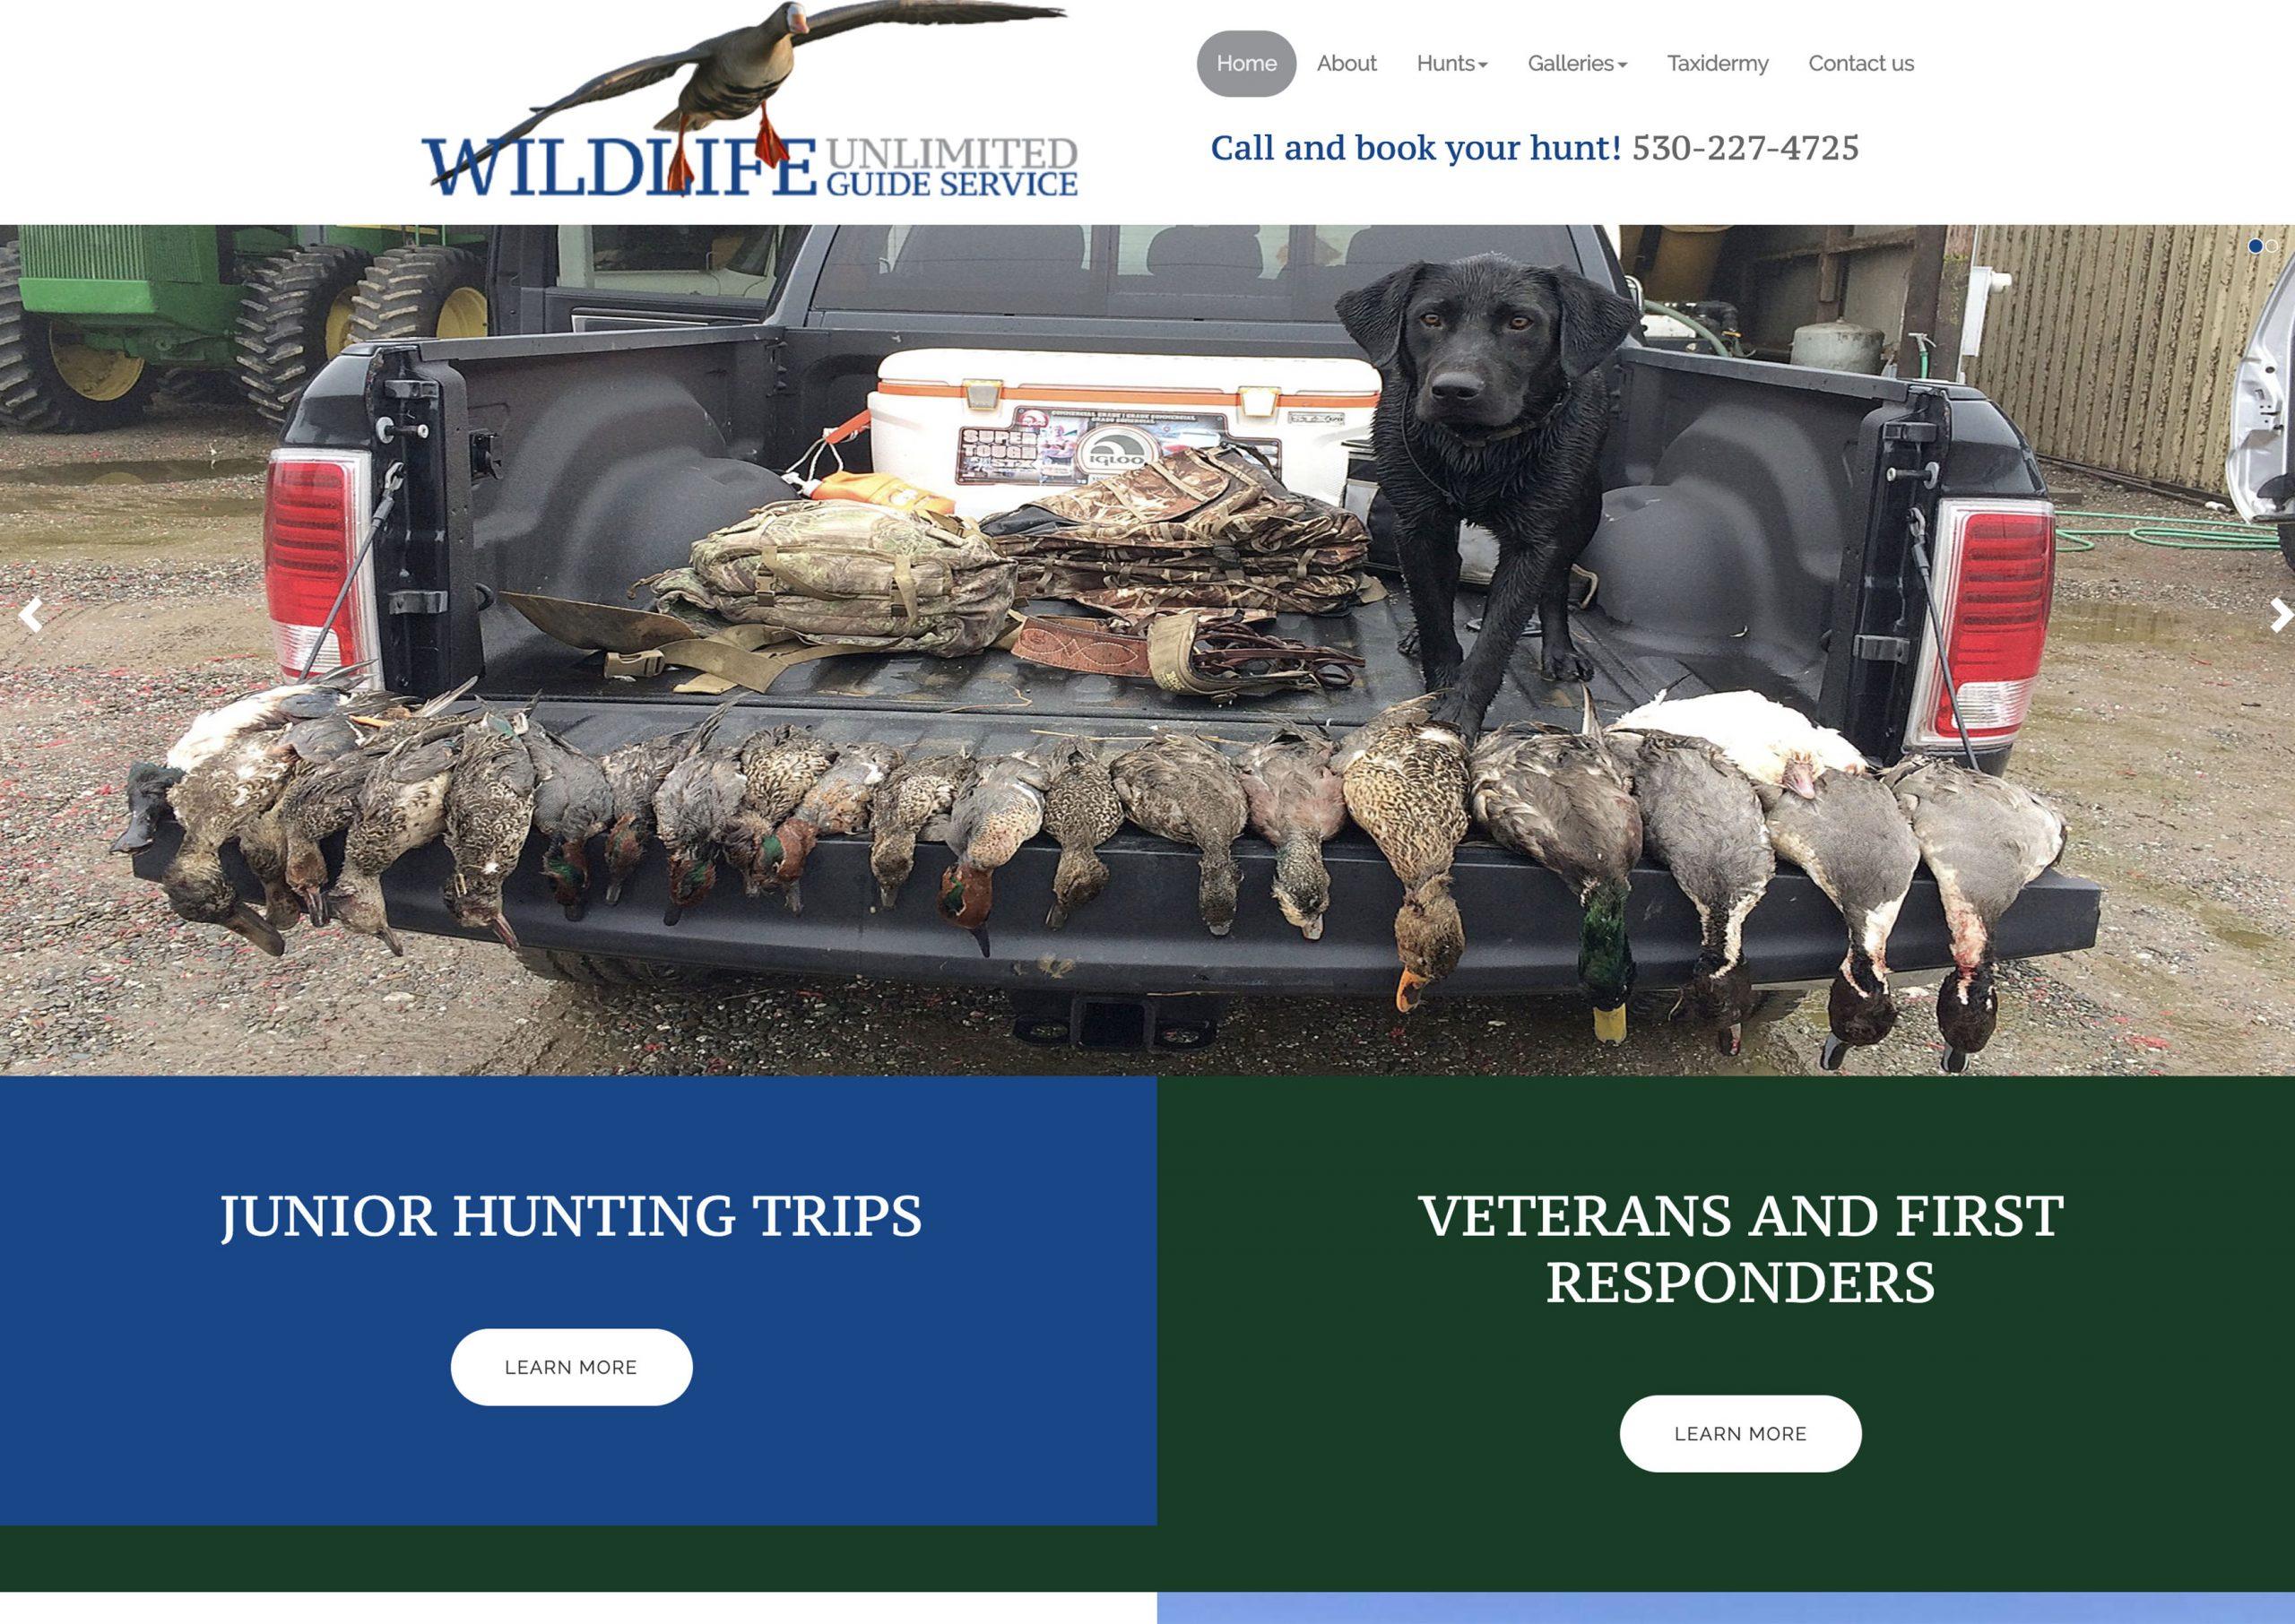 wildlifeguideservice.com